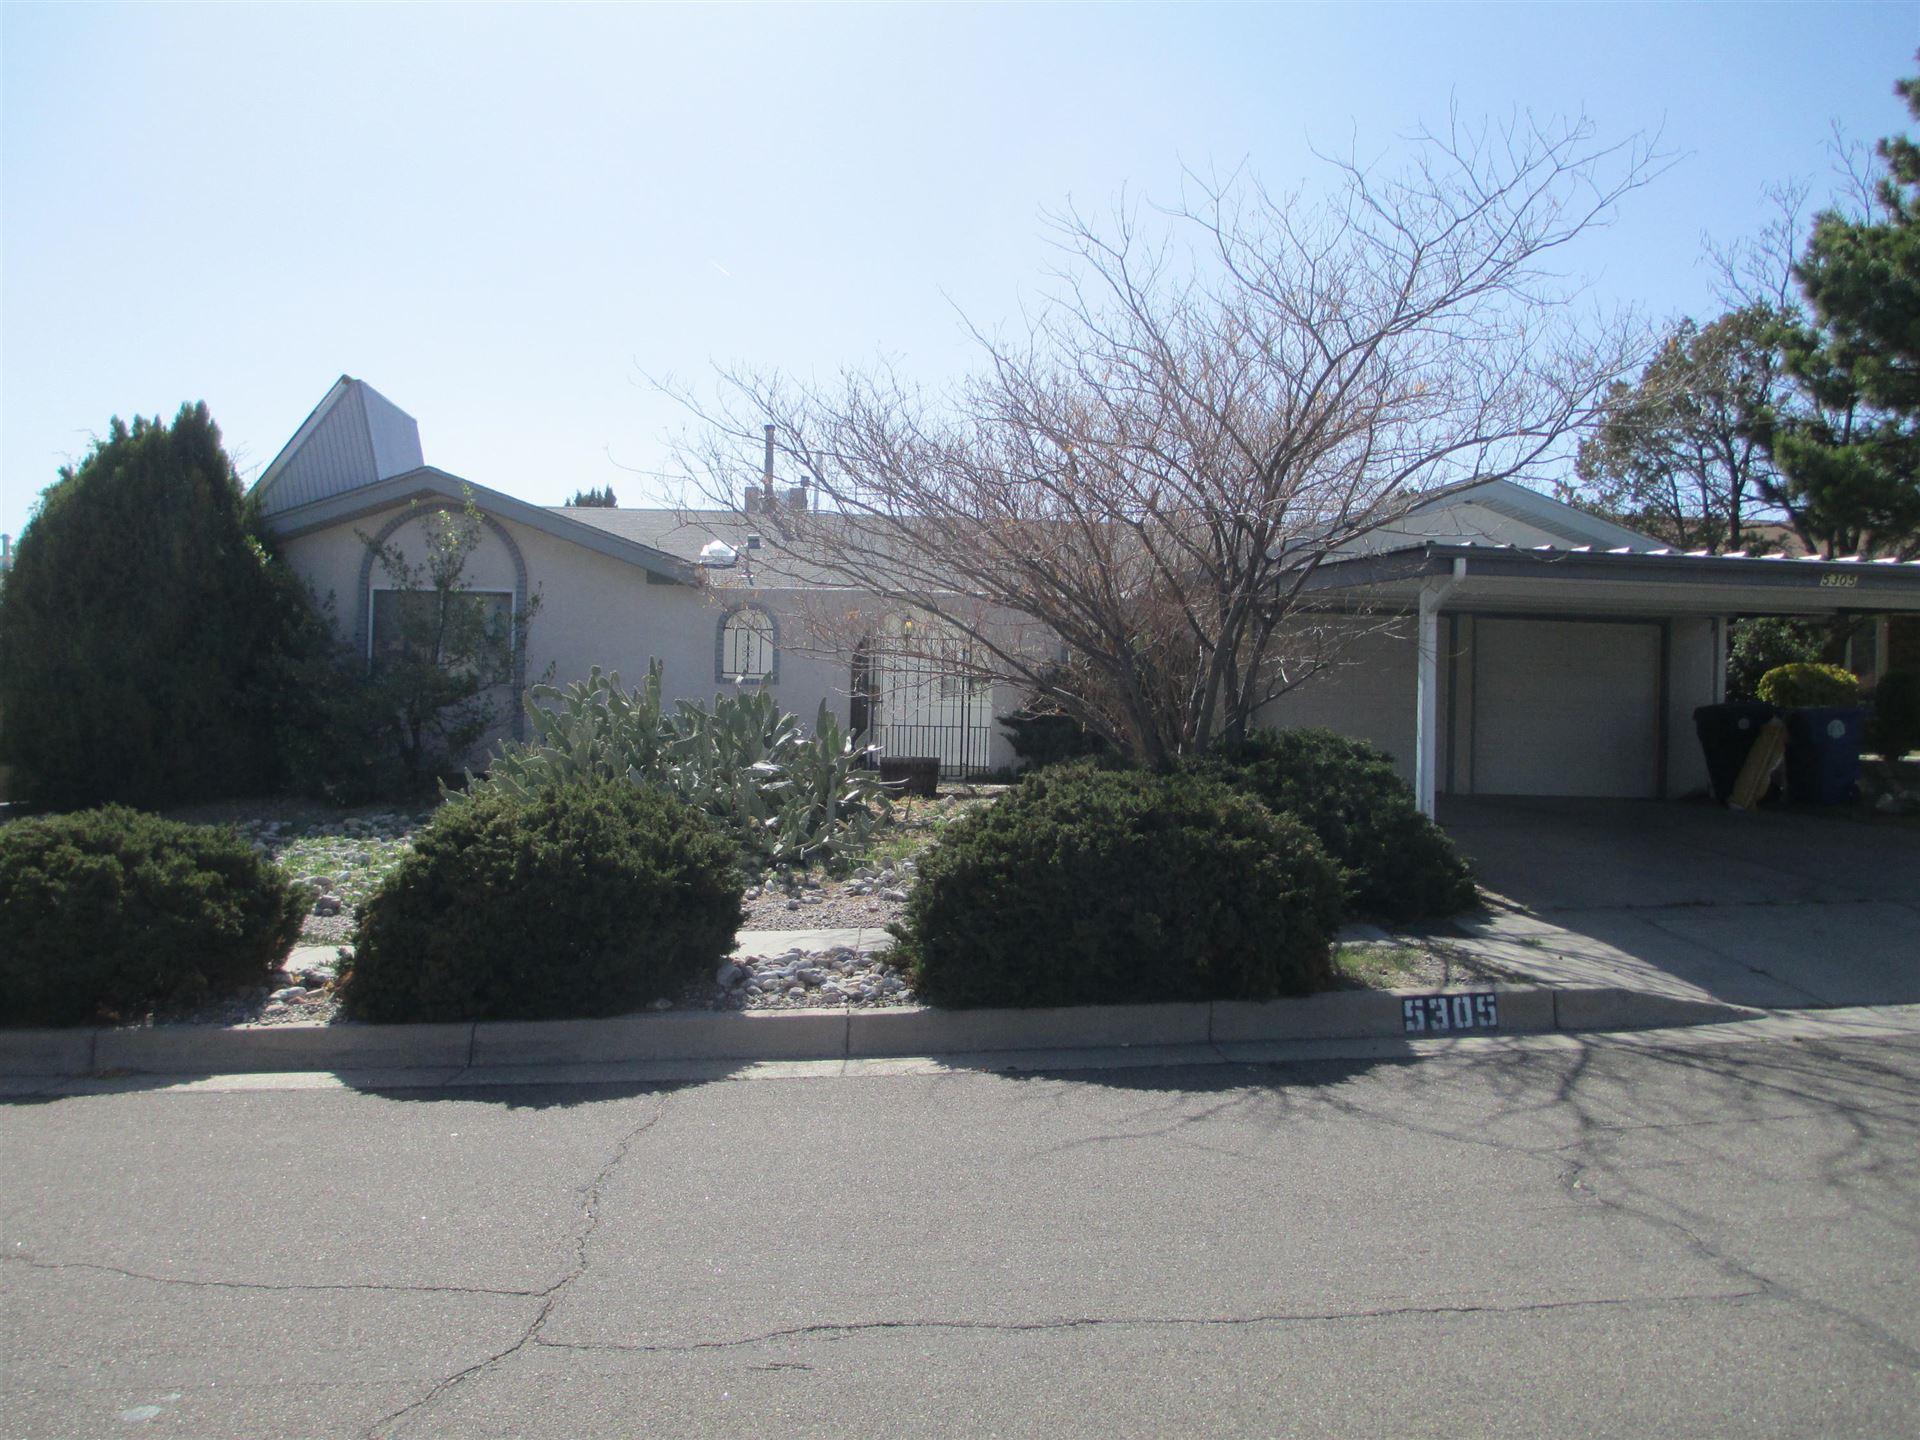 5305 HINES Drive NE, Albuquerque, NM 87111 - MLS#: 989513